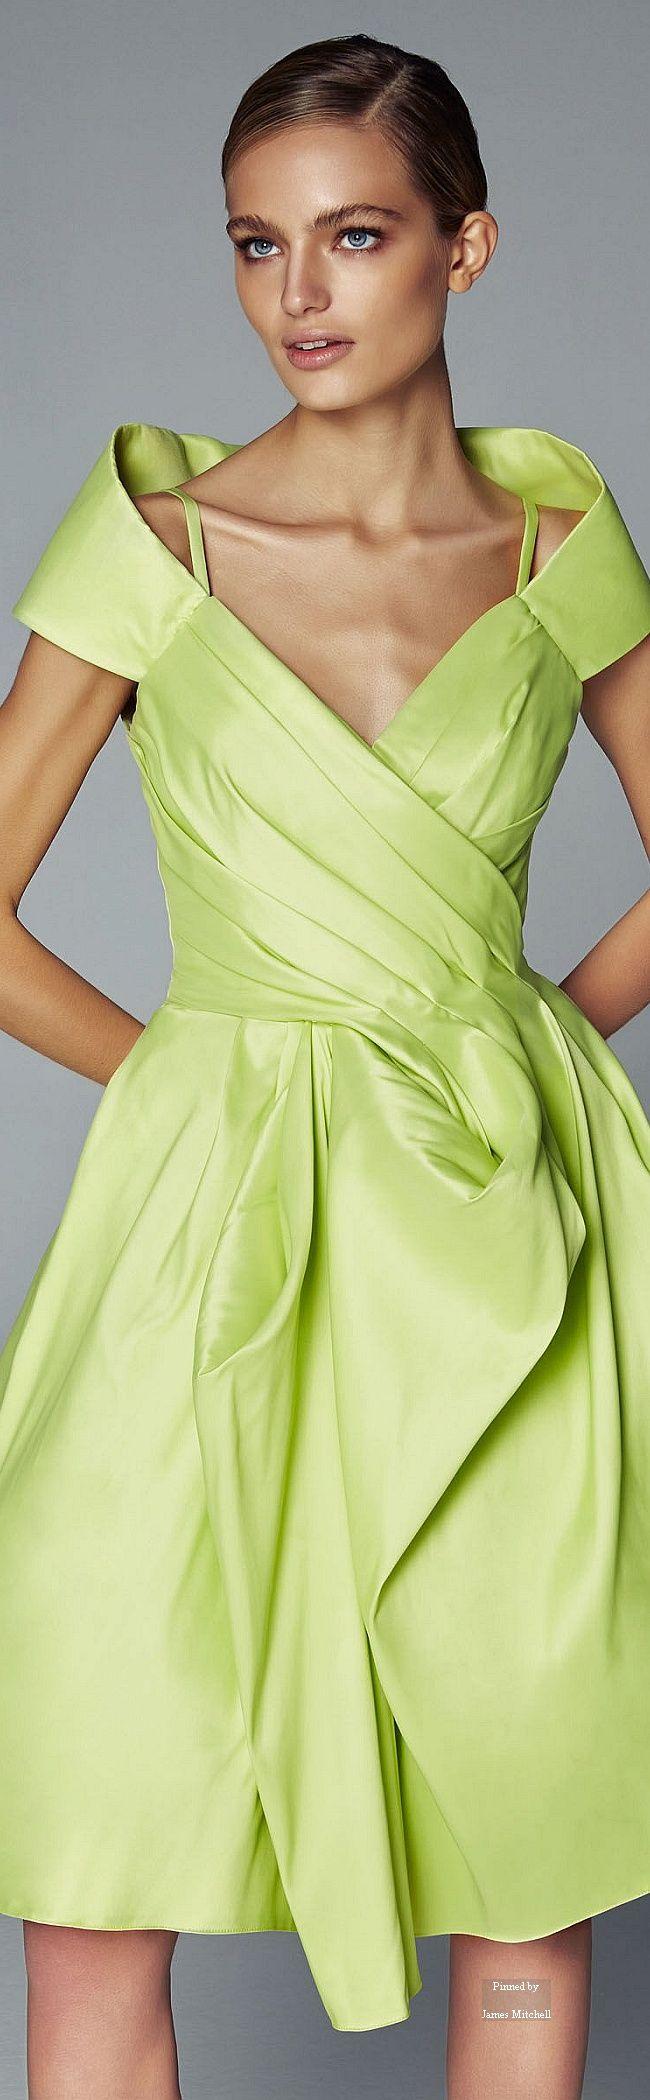 421 besten GREEN DRESSES Bilder auf Pinterest   Abendkleid, Grünes ...